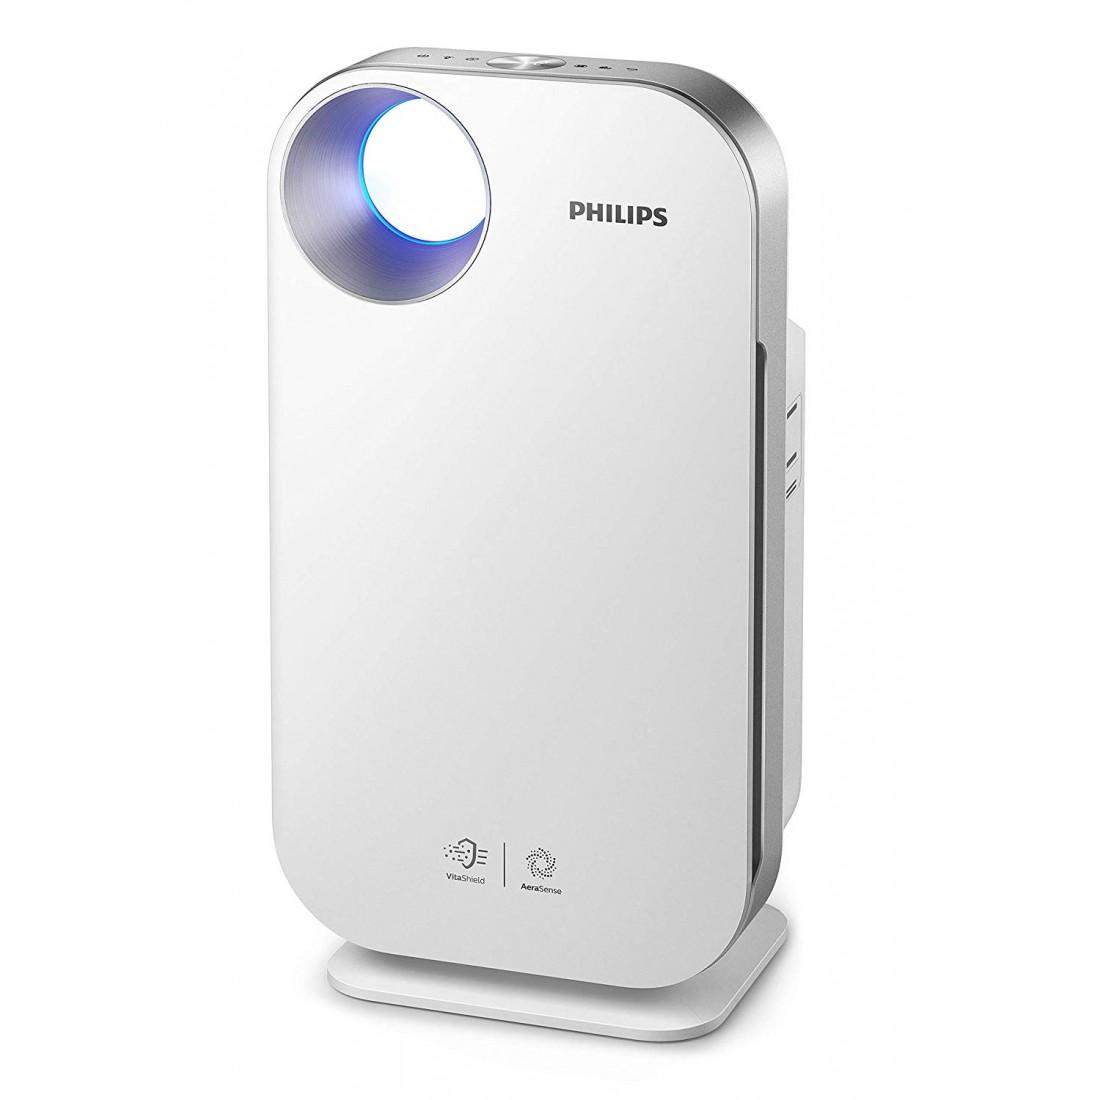 Máy lọc không khí kháng khuẩn Philips Series 4500 AC4550/10